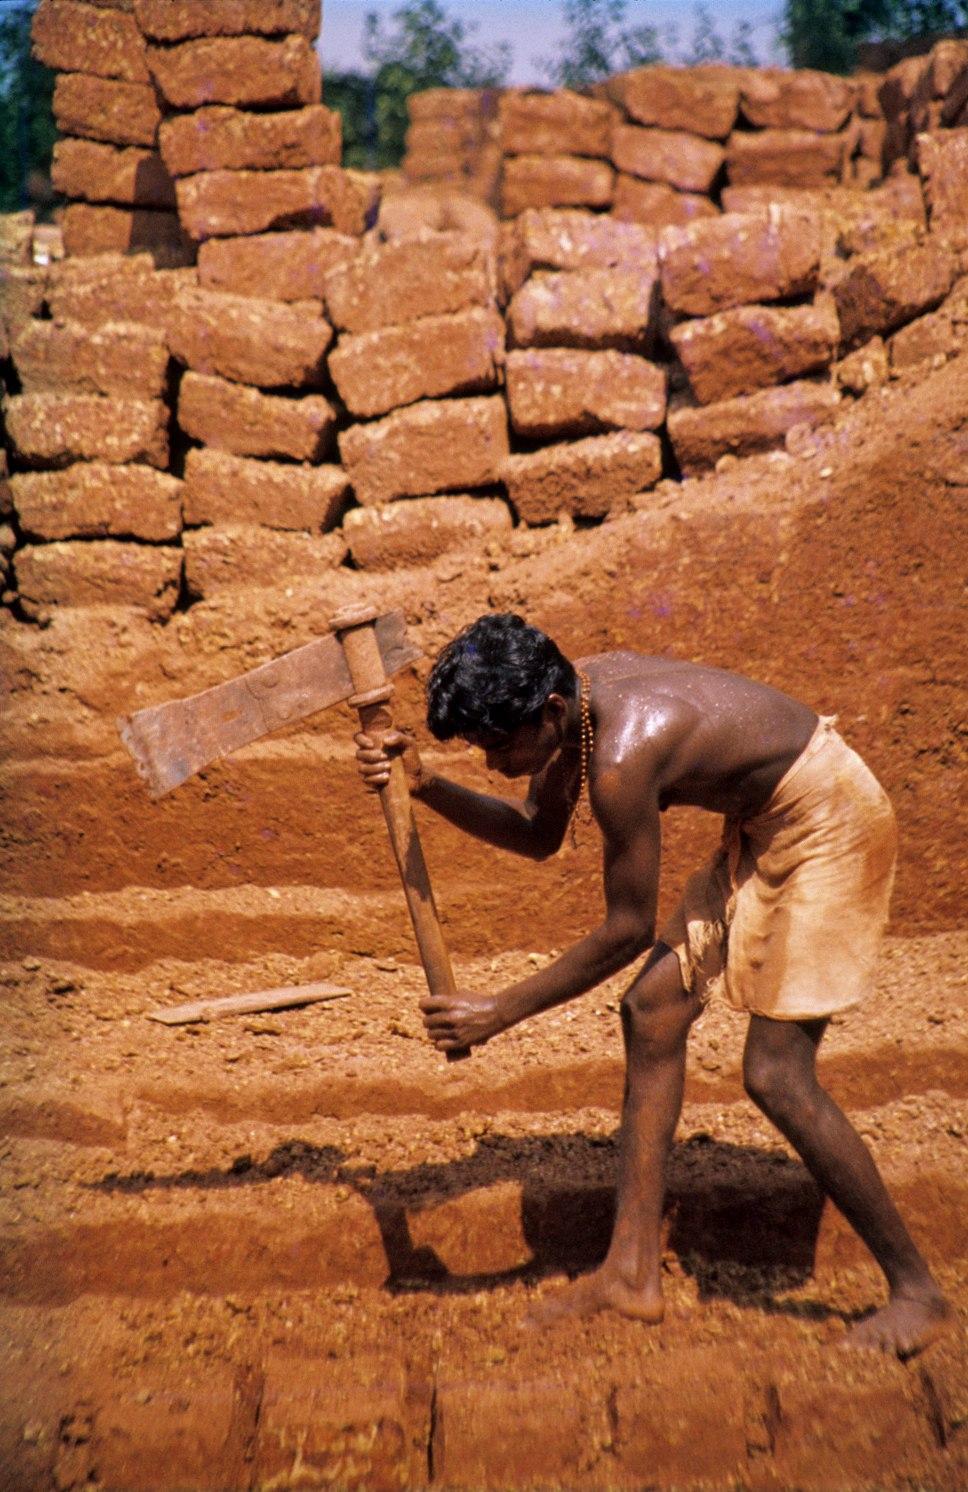 Laterite quarry, Angadipuram, India. C 004